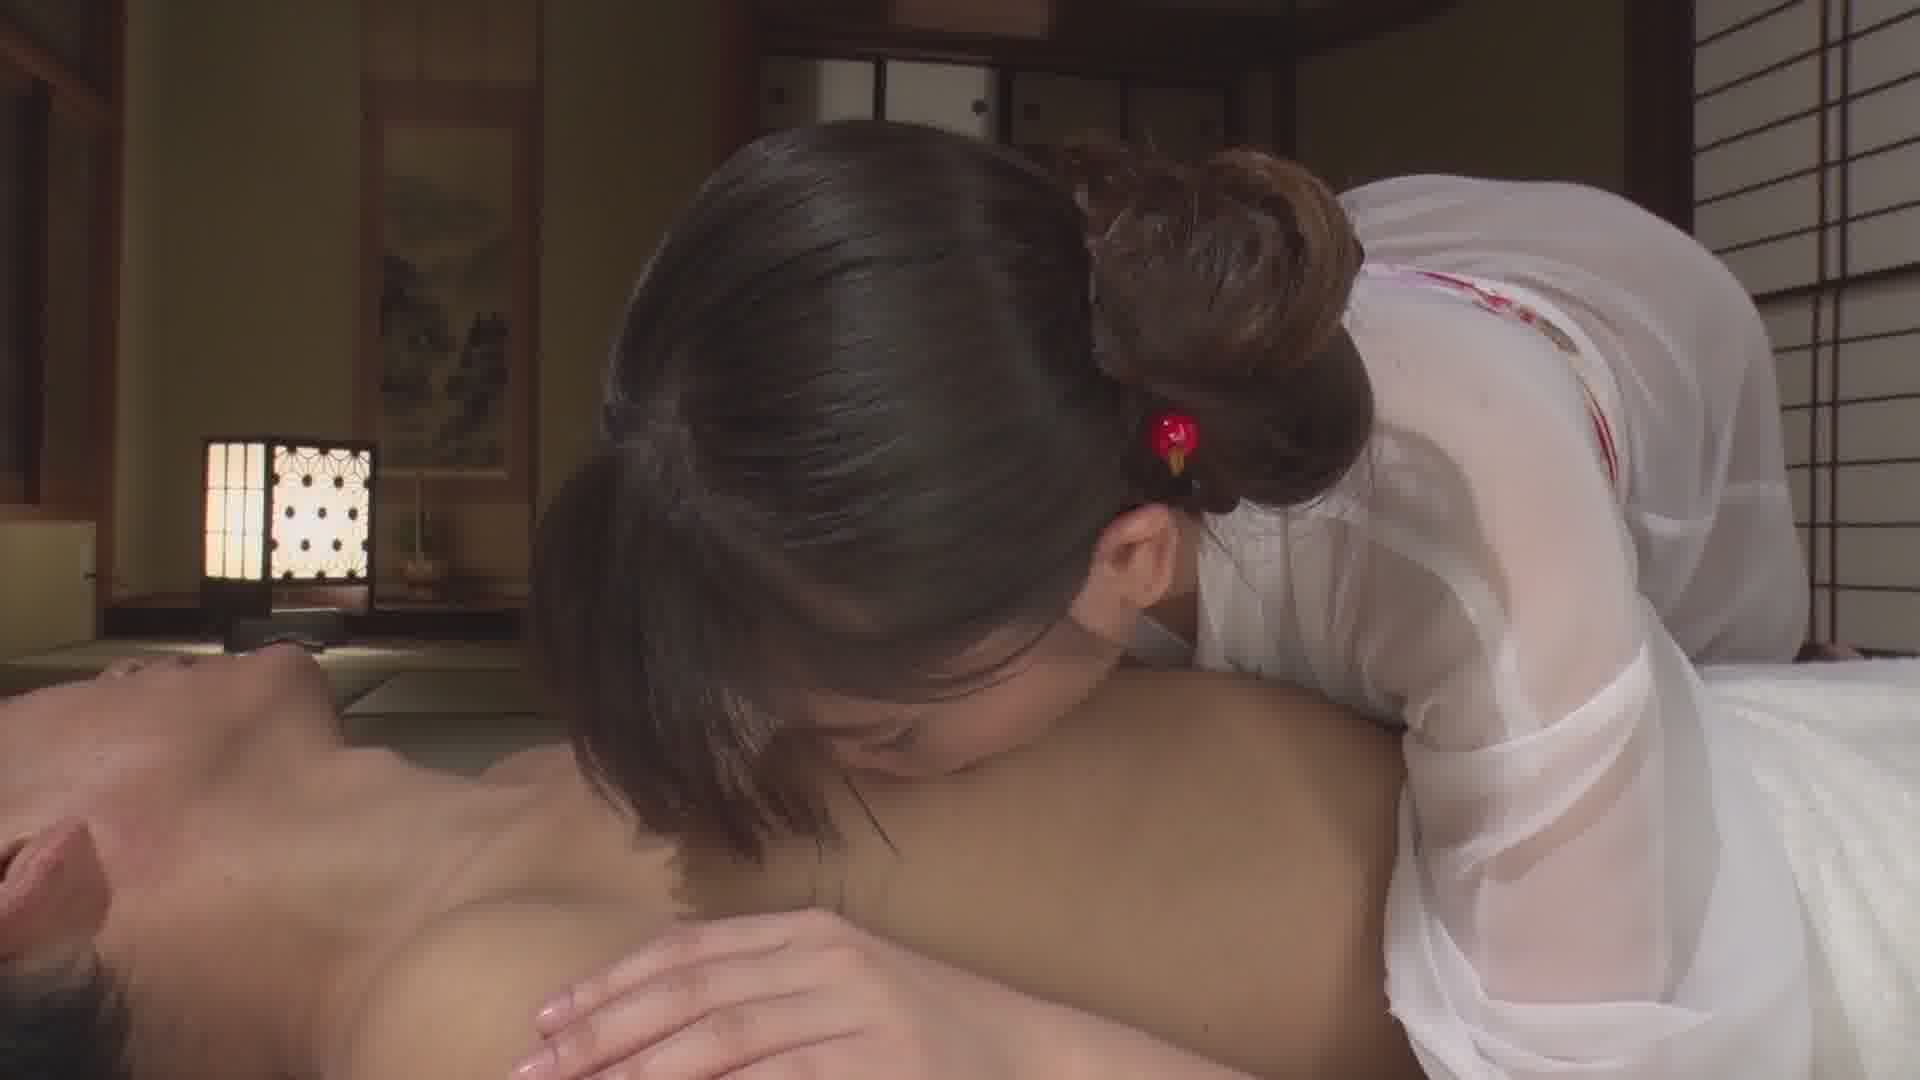 洗練された大人のいやし亭 ~クビレ美乳ハーフ美女が心ゆくまでご奉仕~ - 仲村さり【浴衣・美乳・中出し】